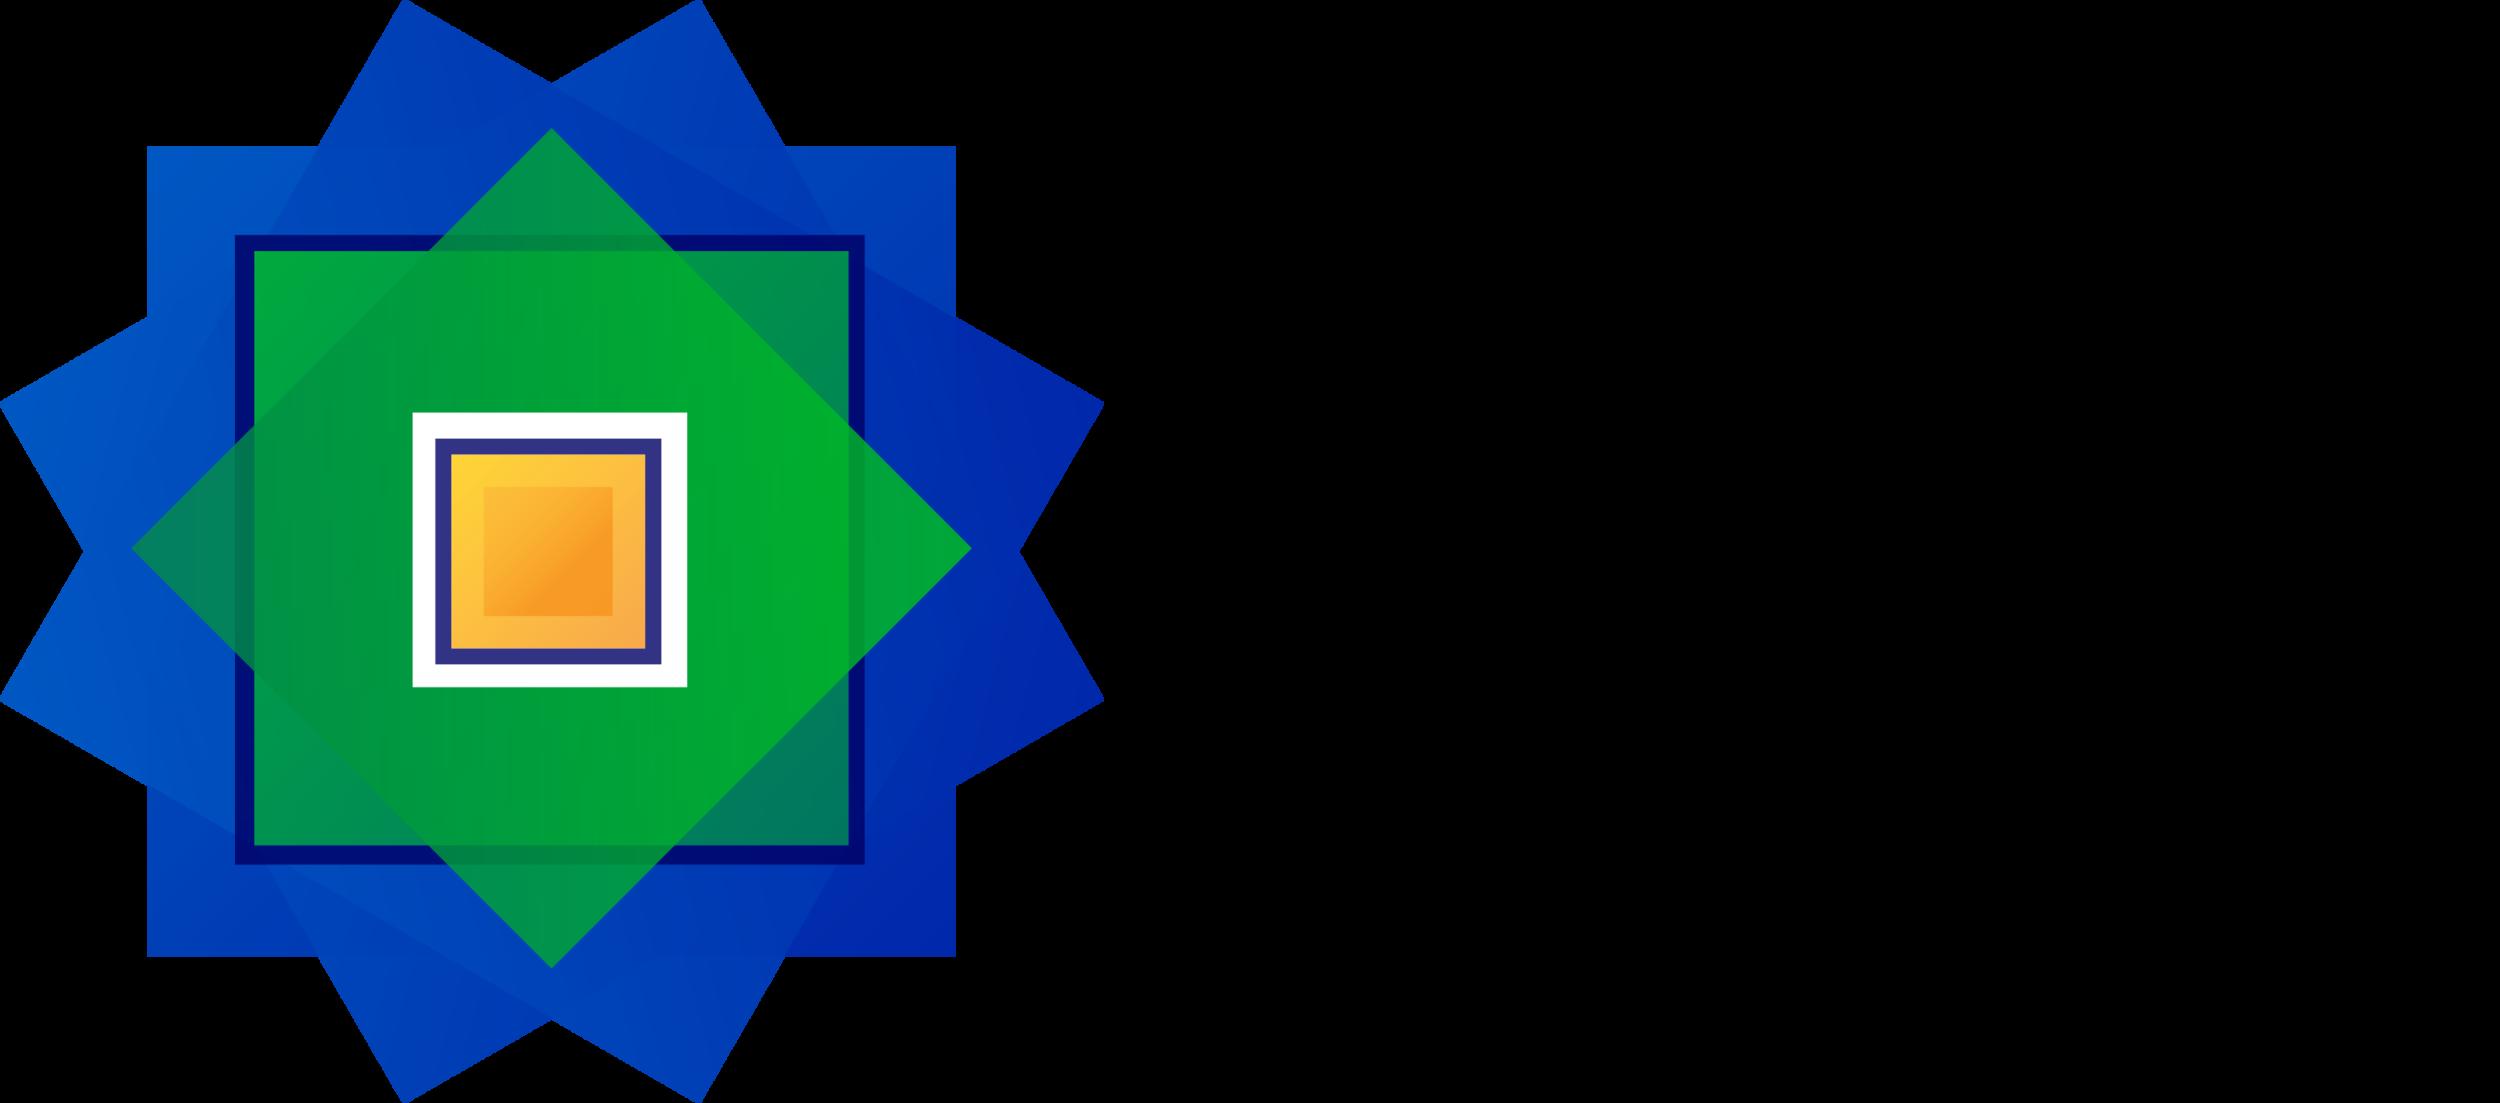 SASA_LogoText (1).png